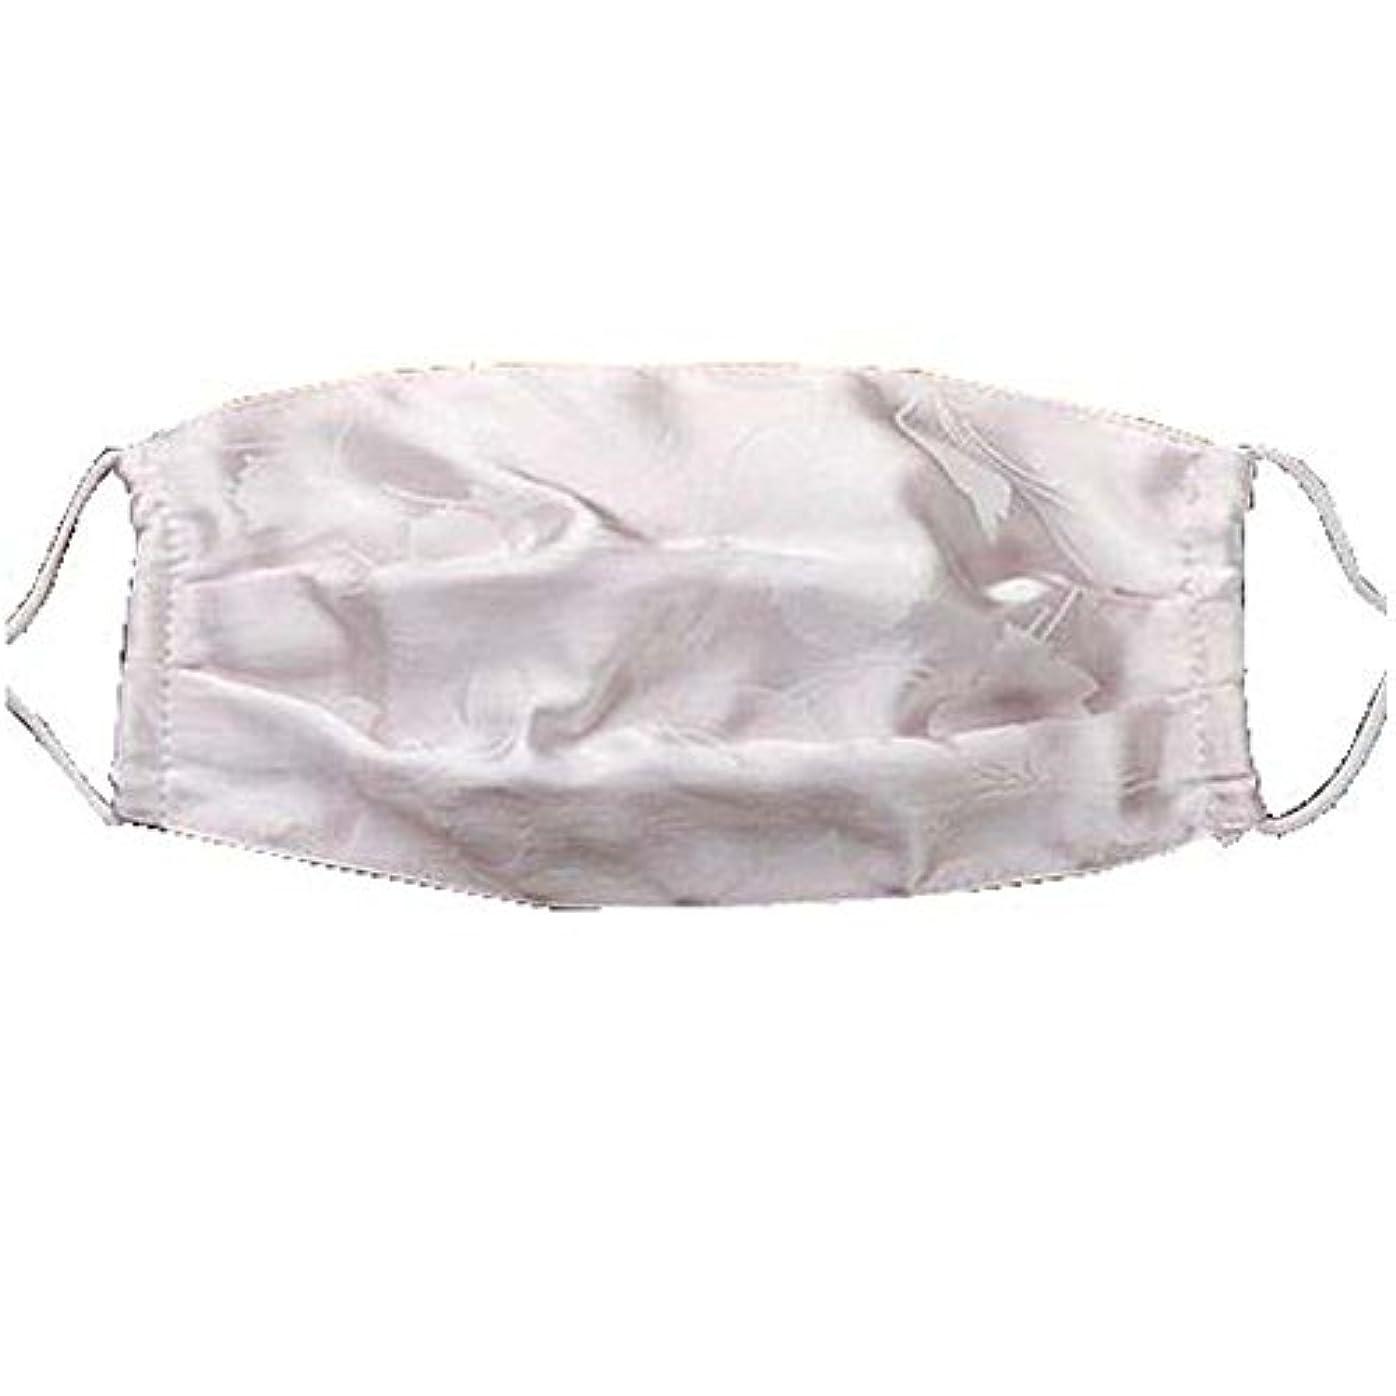 蒸ツイン指定する口腔マスクダストマスク抗汚染活性炭フィルターインサートシルクマスク